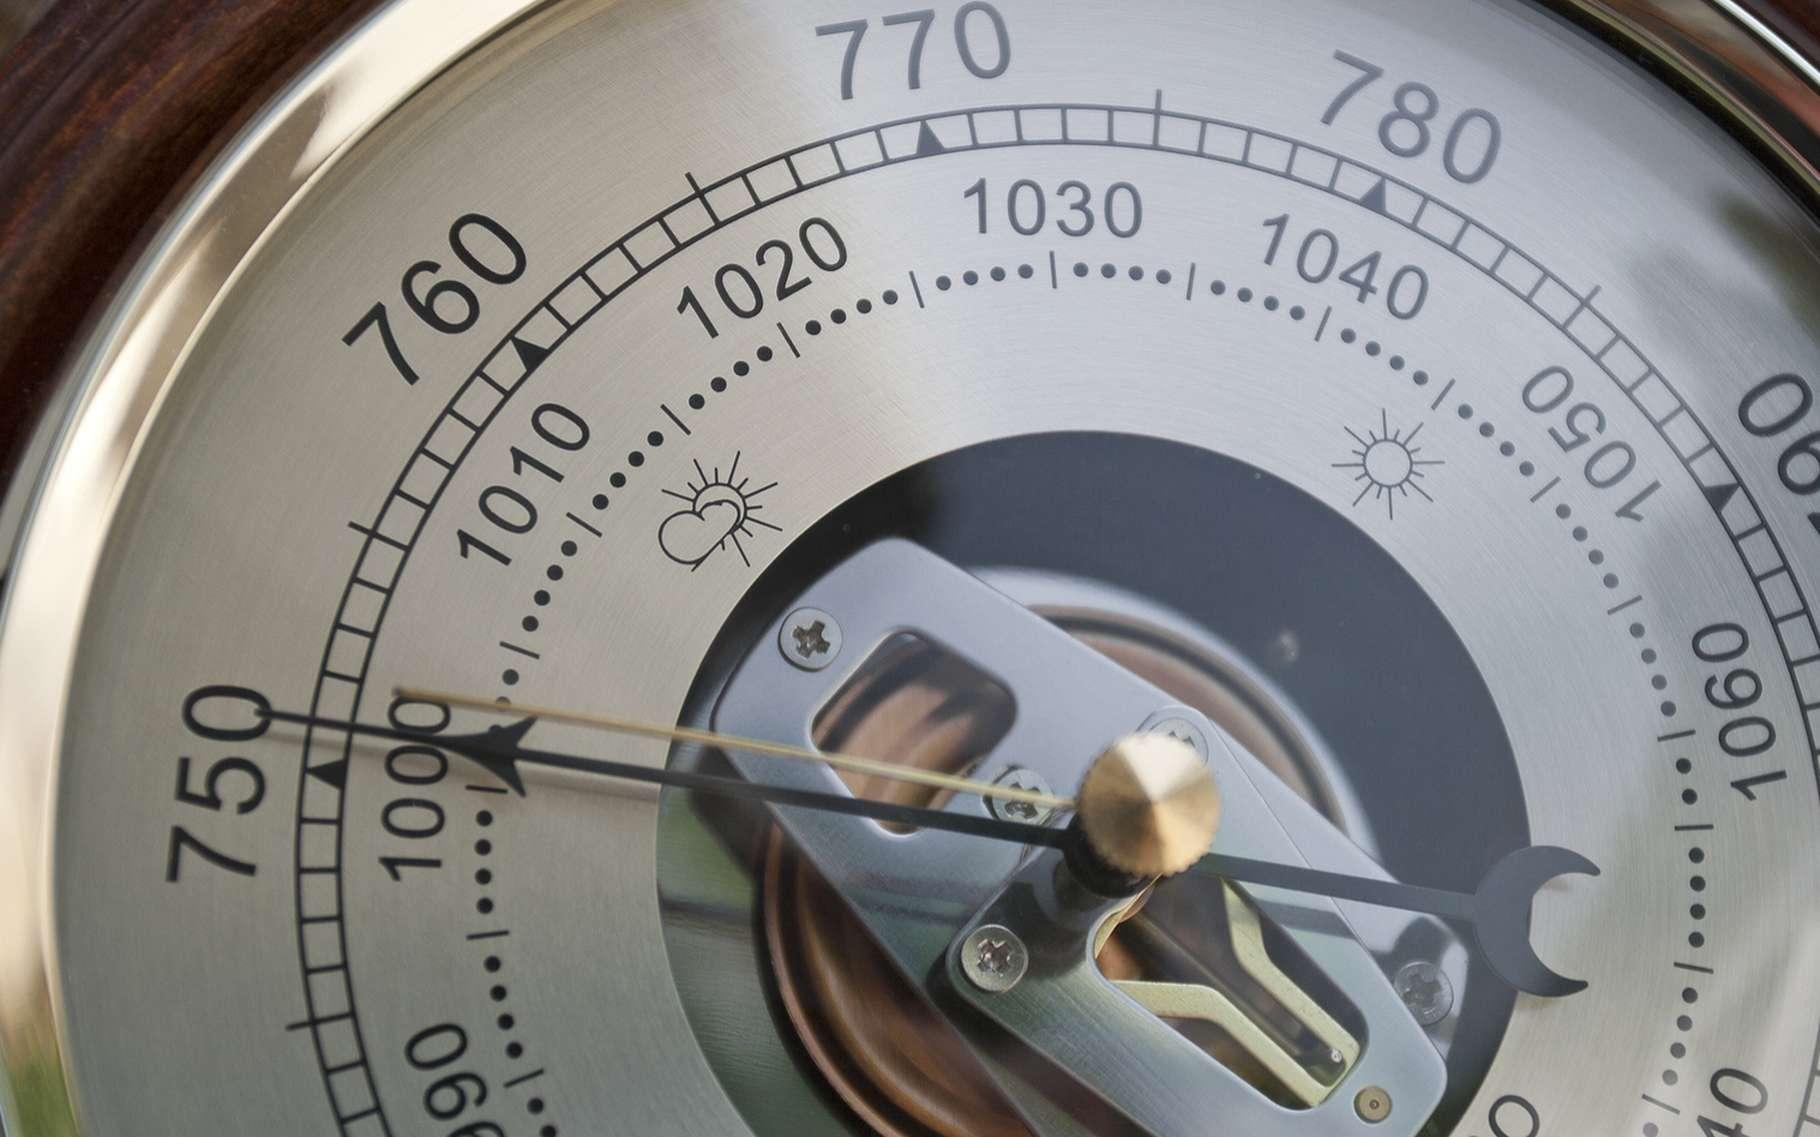 Le baromètre permet de mesurer la pression atmosphérique et, par extension, d'estimer le temps qui s'annonce. © Sergey Tarasenko, Shutterstock